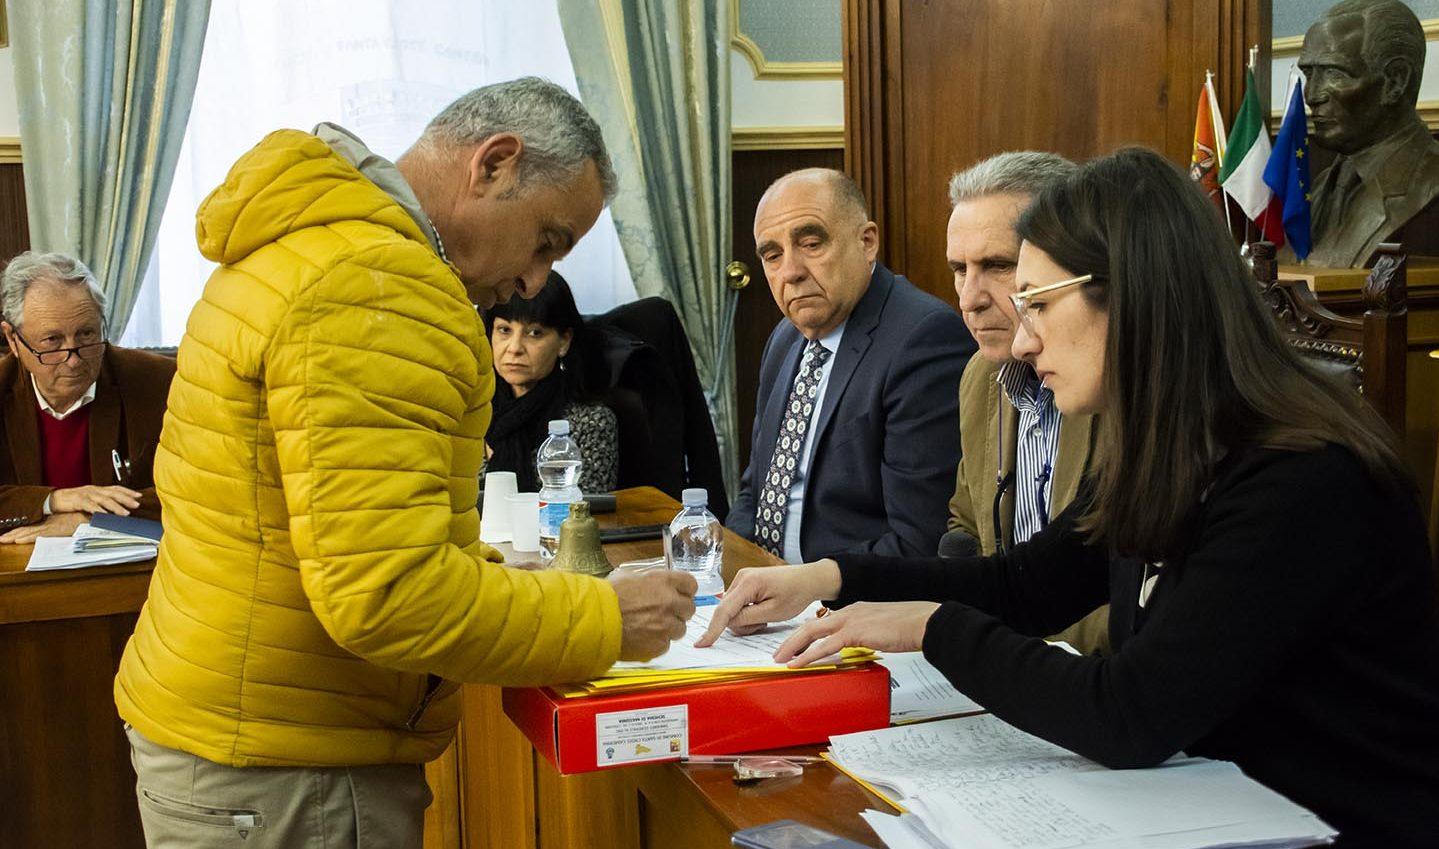 Entra Gravina, la vice-presidente è Galuppi: poi cade il numero legale